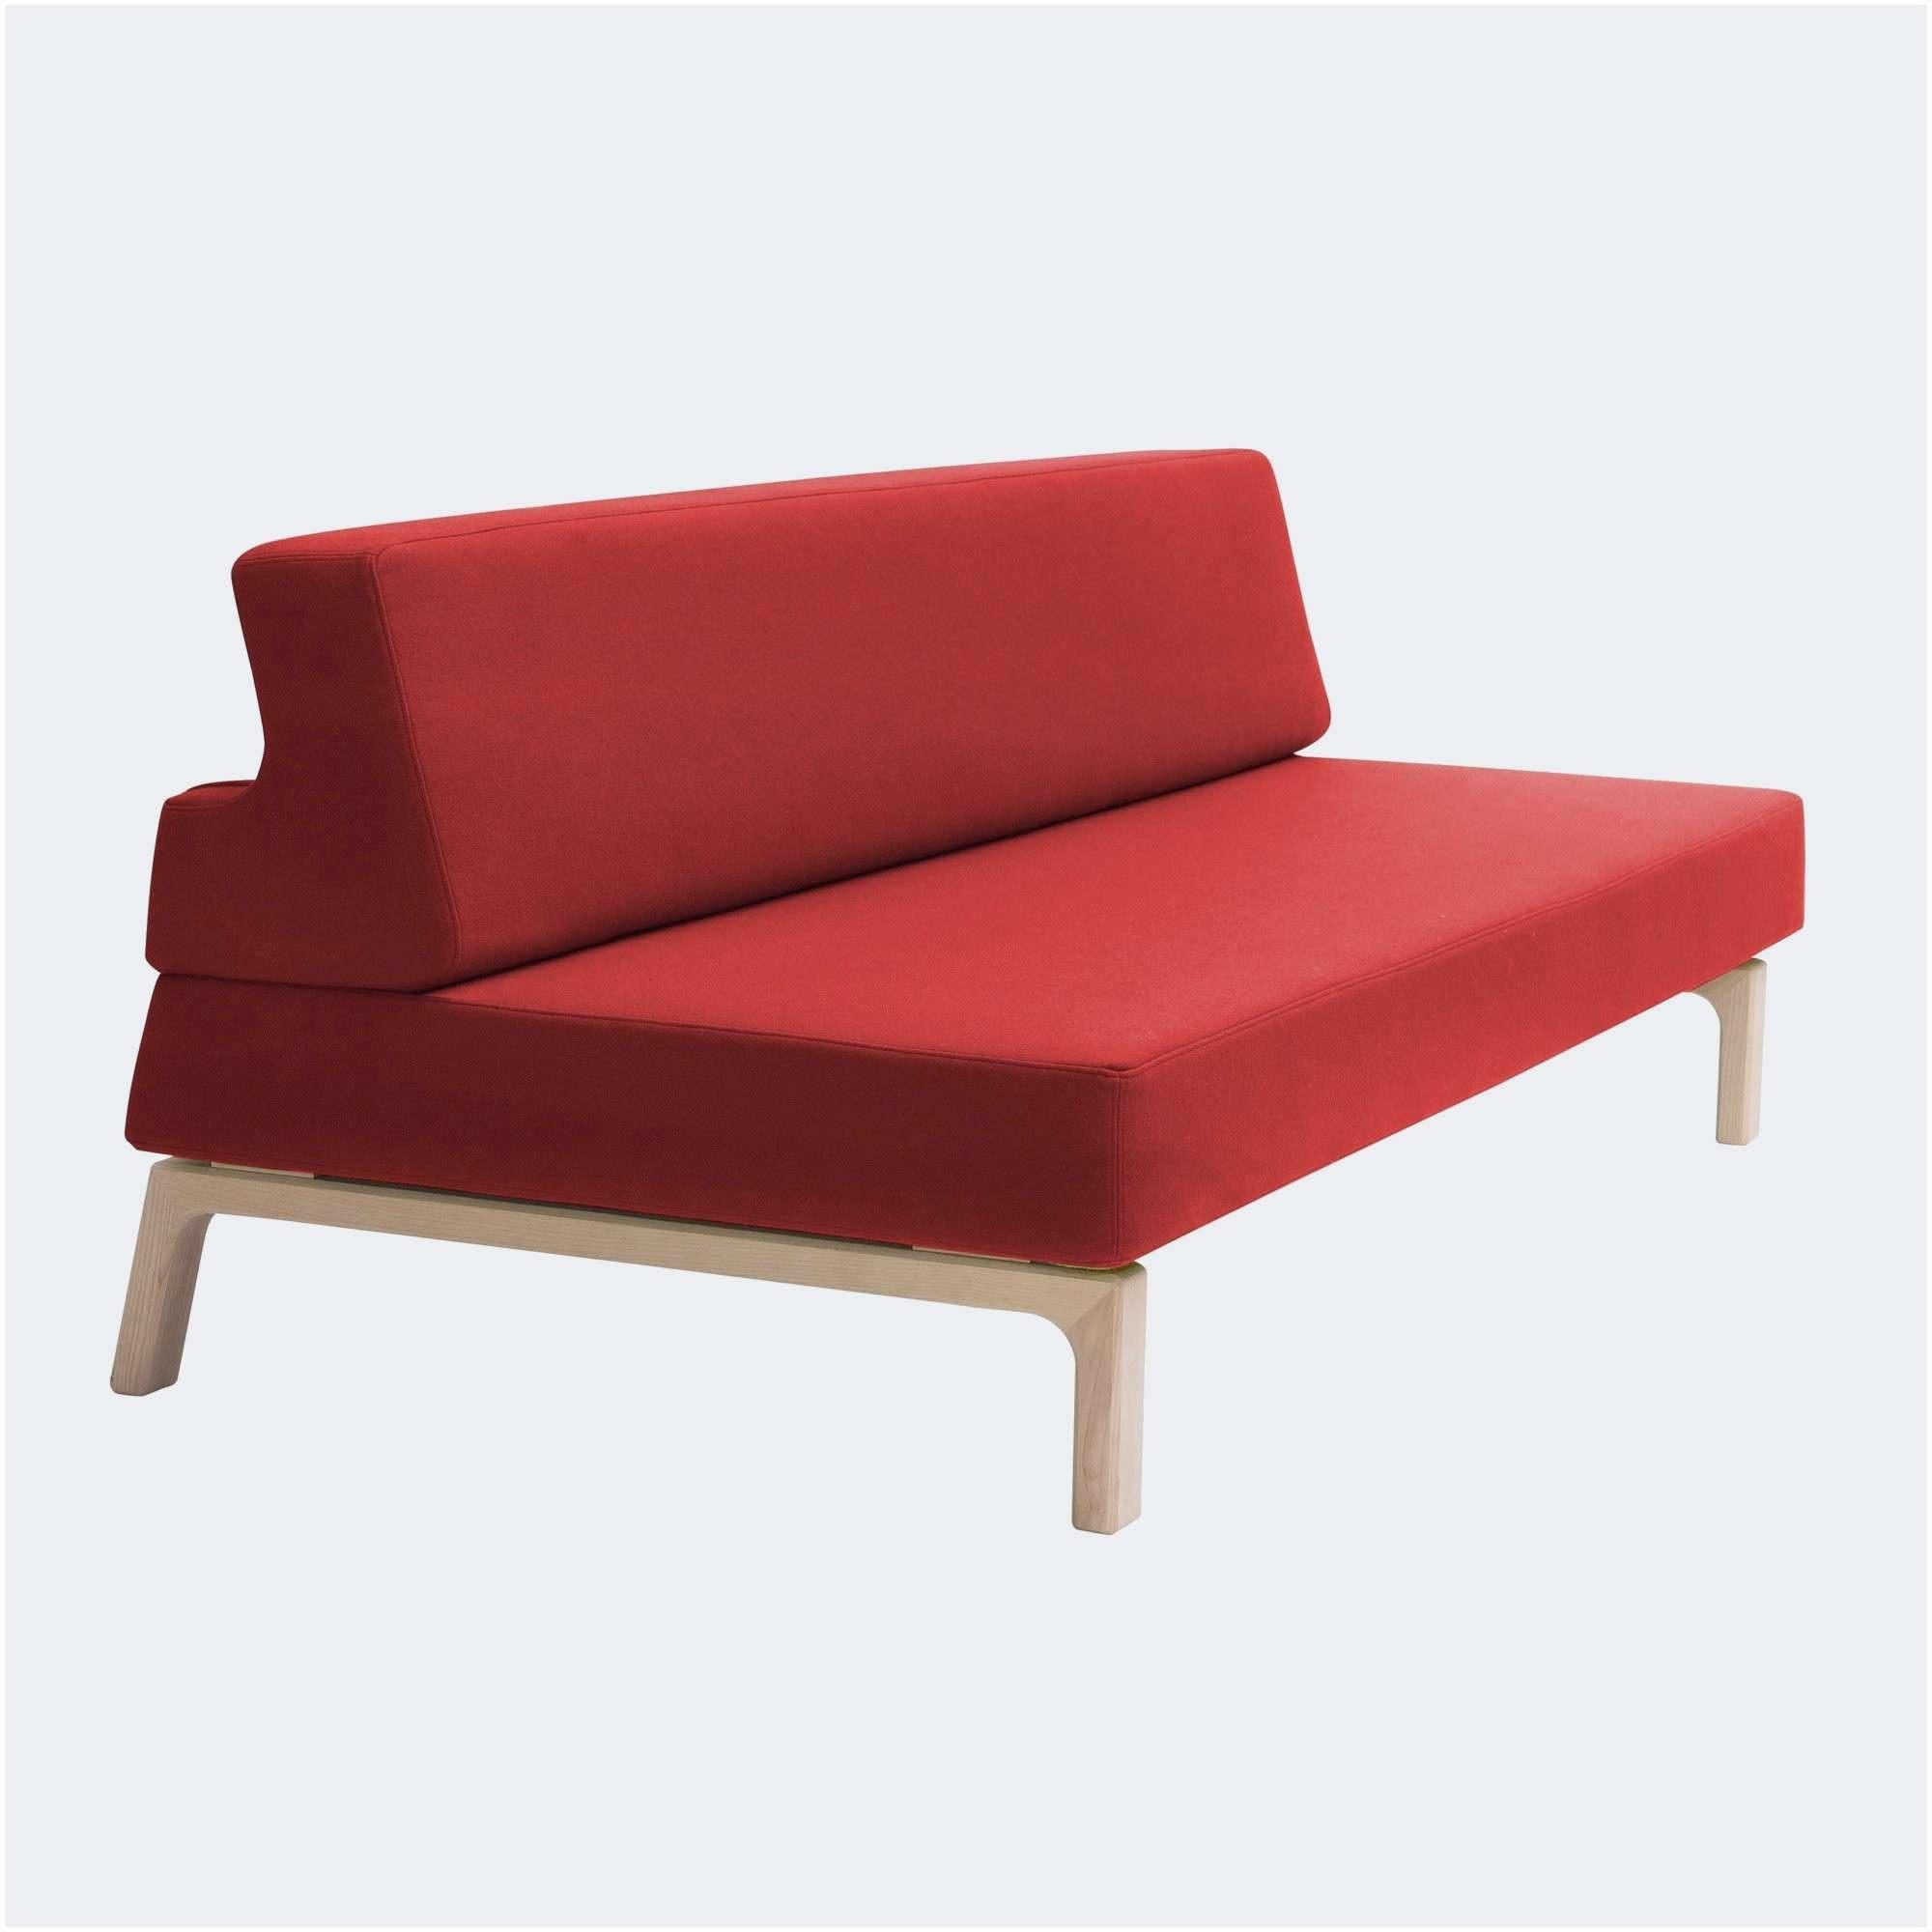 Lit Escamotable Canapé Ikea Unique Unique Canapé 3 Places Ikea Inspirant Canap D Angle Imitation Cuir